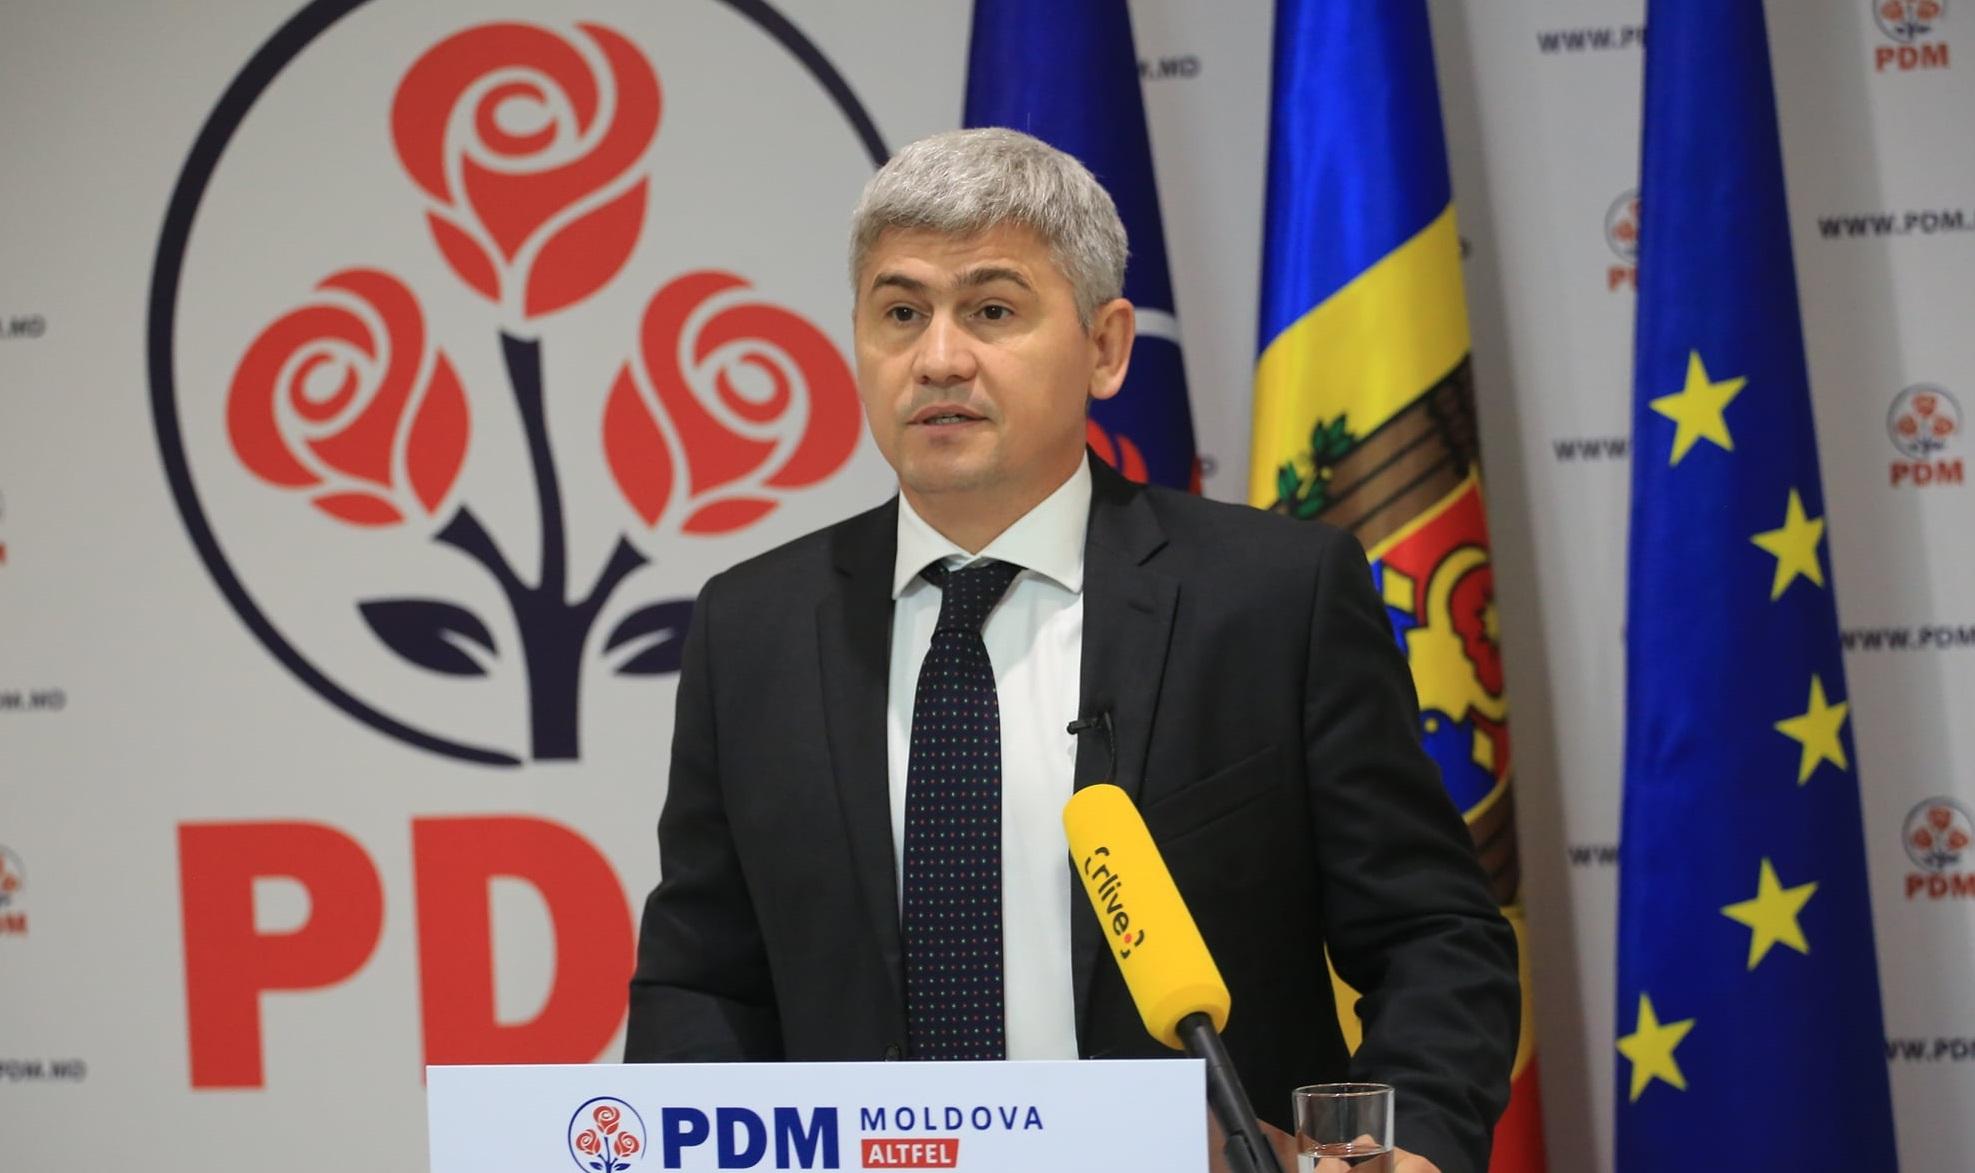 Jizdan: Trebuie să vedem ce avem de făcut în continuare pentru ca PDM să revină nu doar în Parlament, ci şi la guvernare